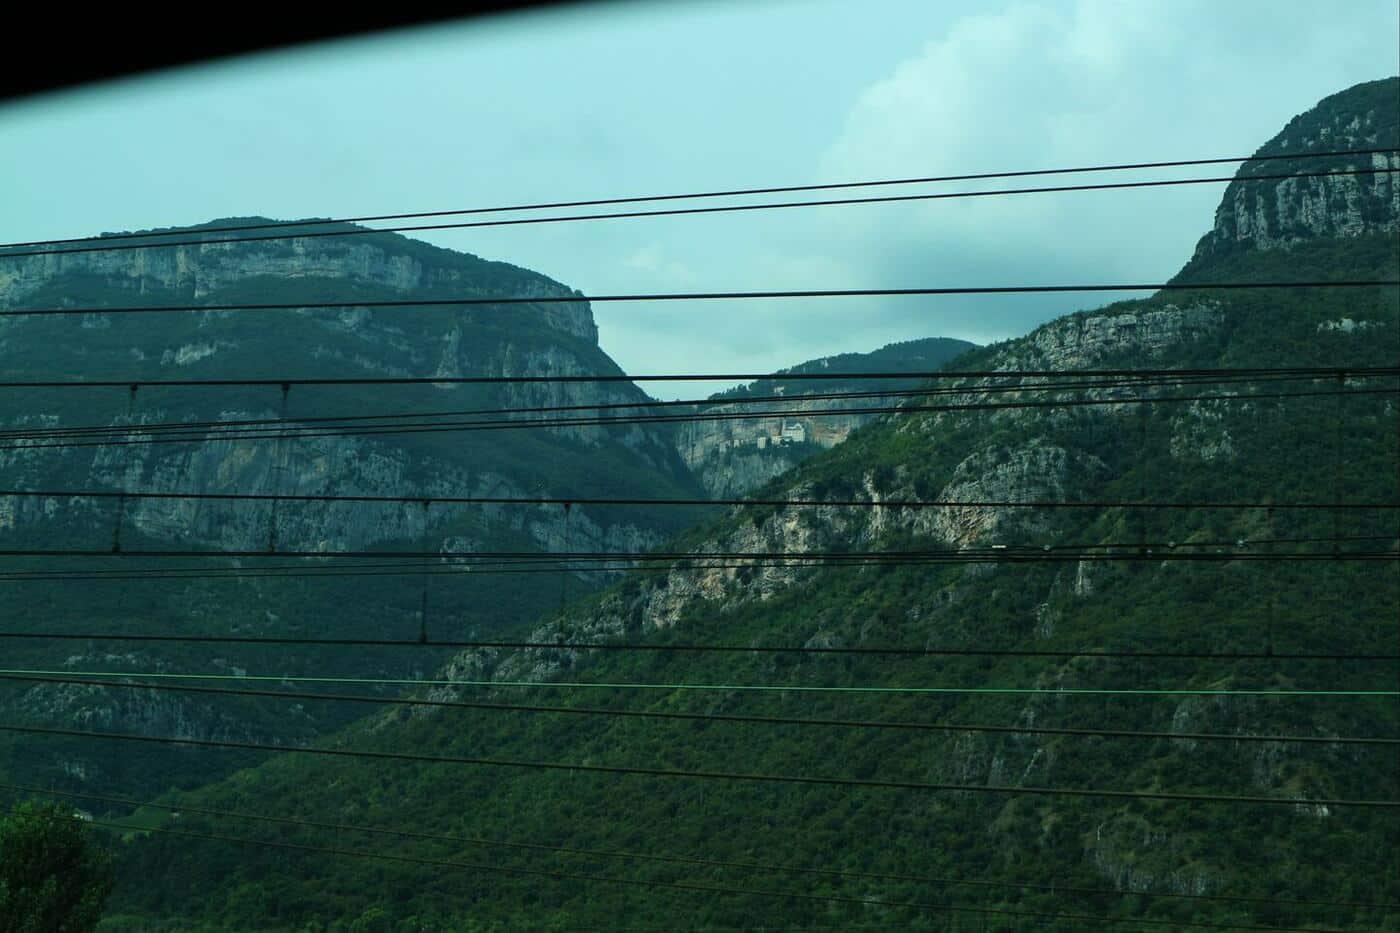 3コロナ教会_イタリアの断崖絶壁に建設された神秘的な世界